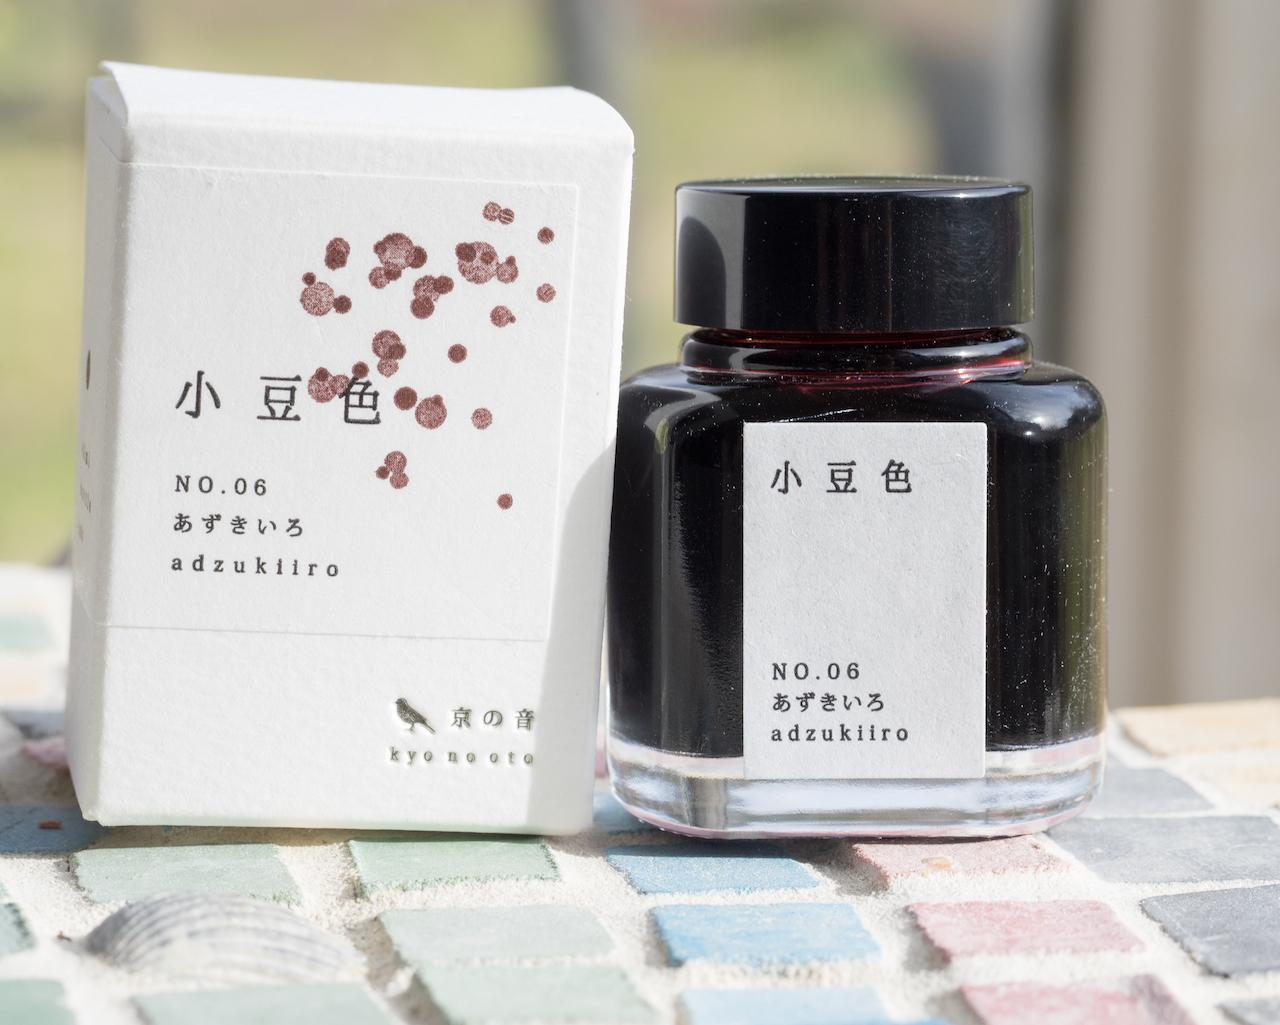 Kyo-no-oto No. 6 Adzuki-iro Ink Review